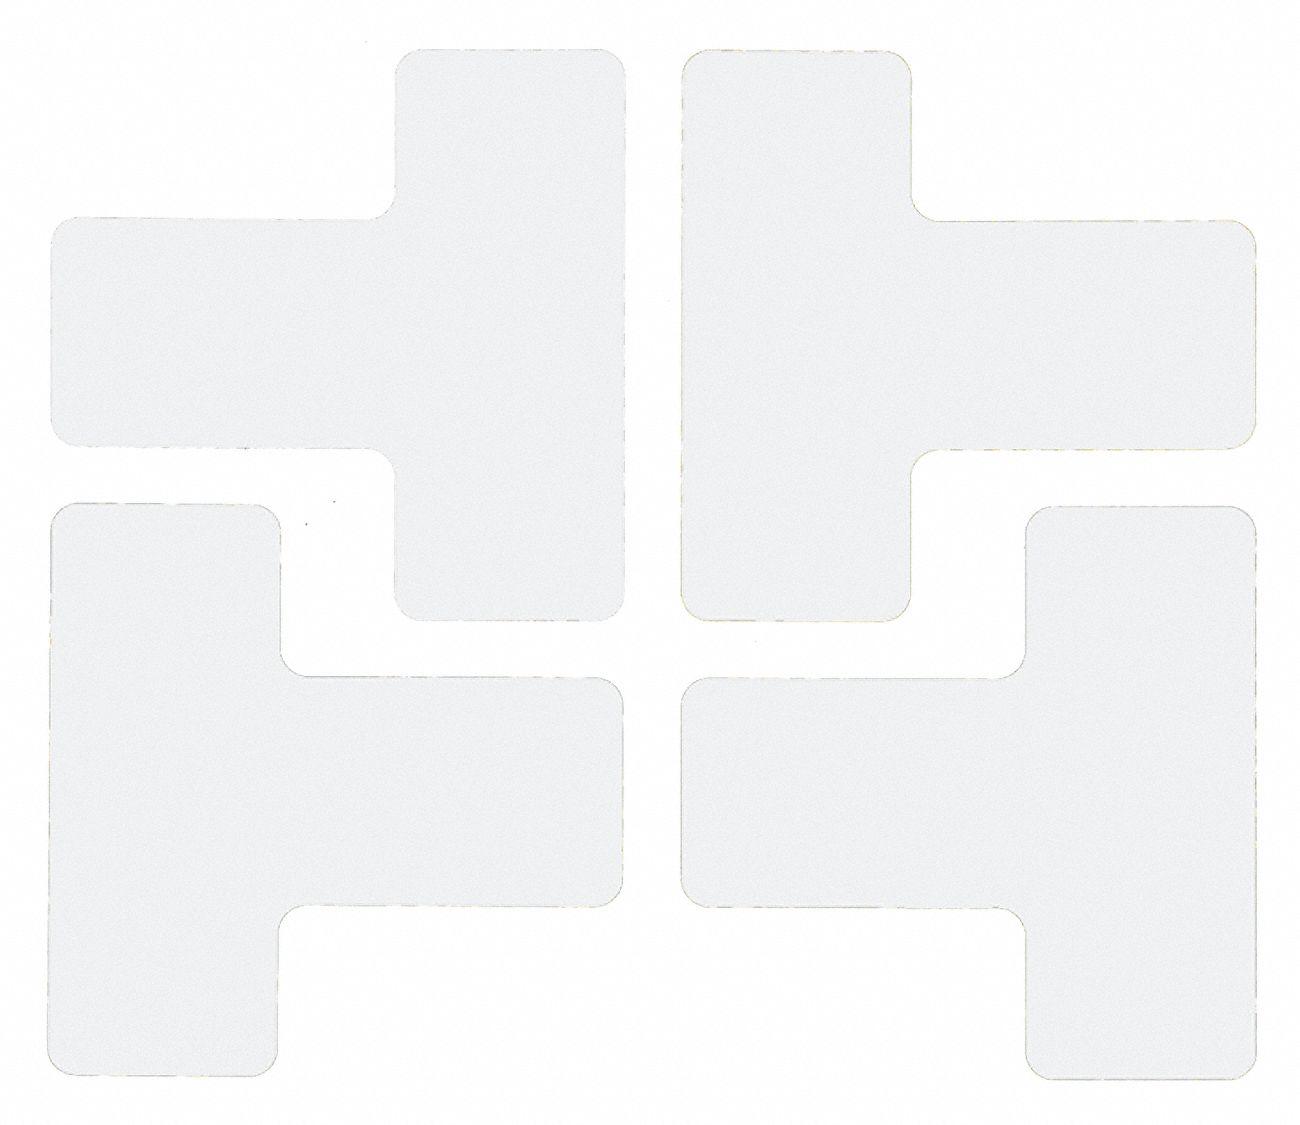 BRADY Floor Marking Tape, Solid, T, 2